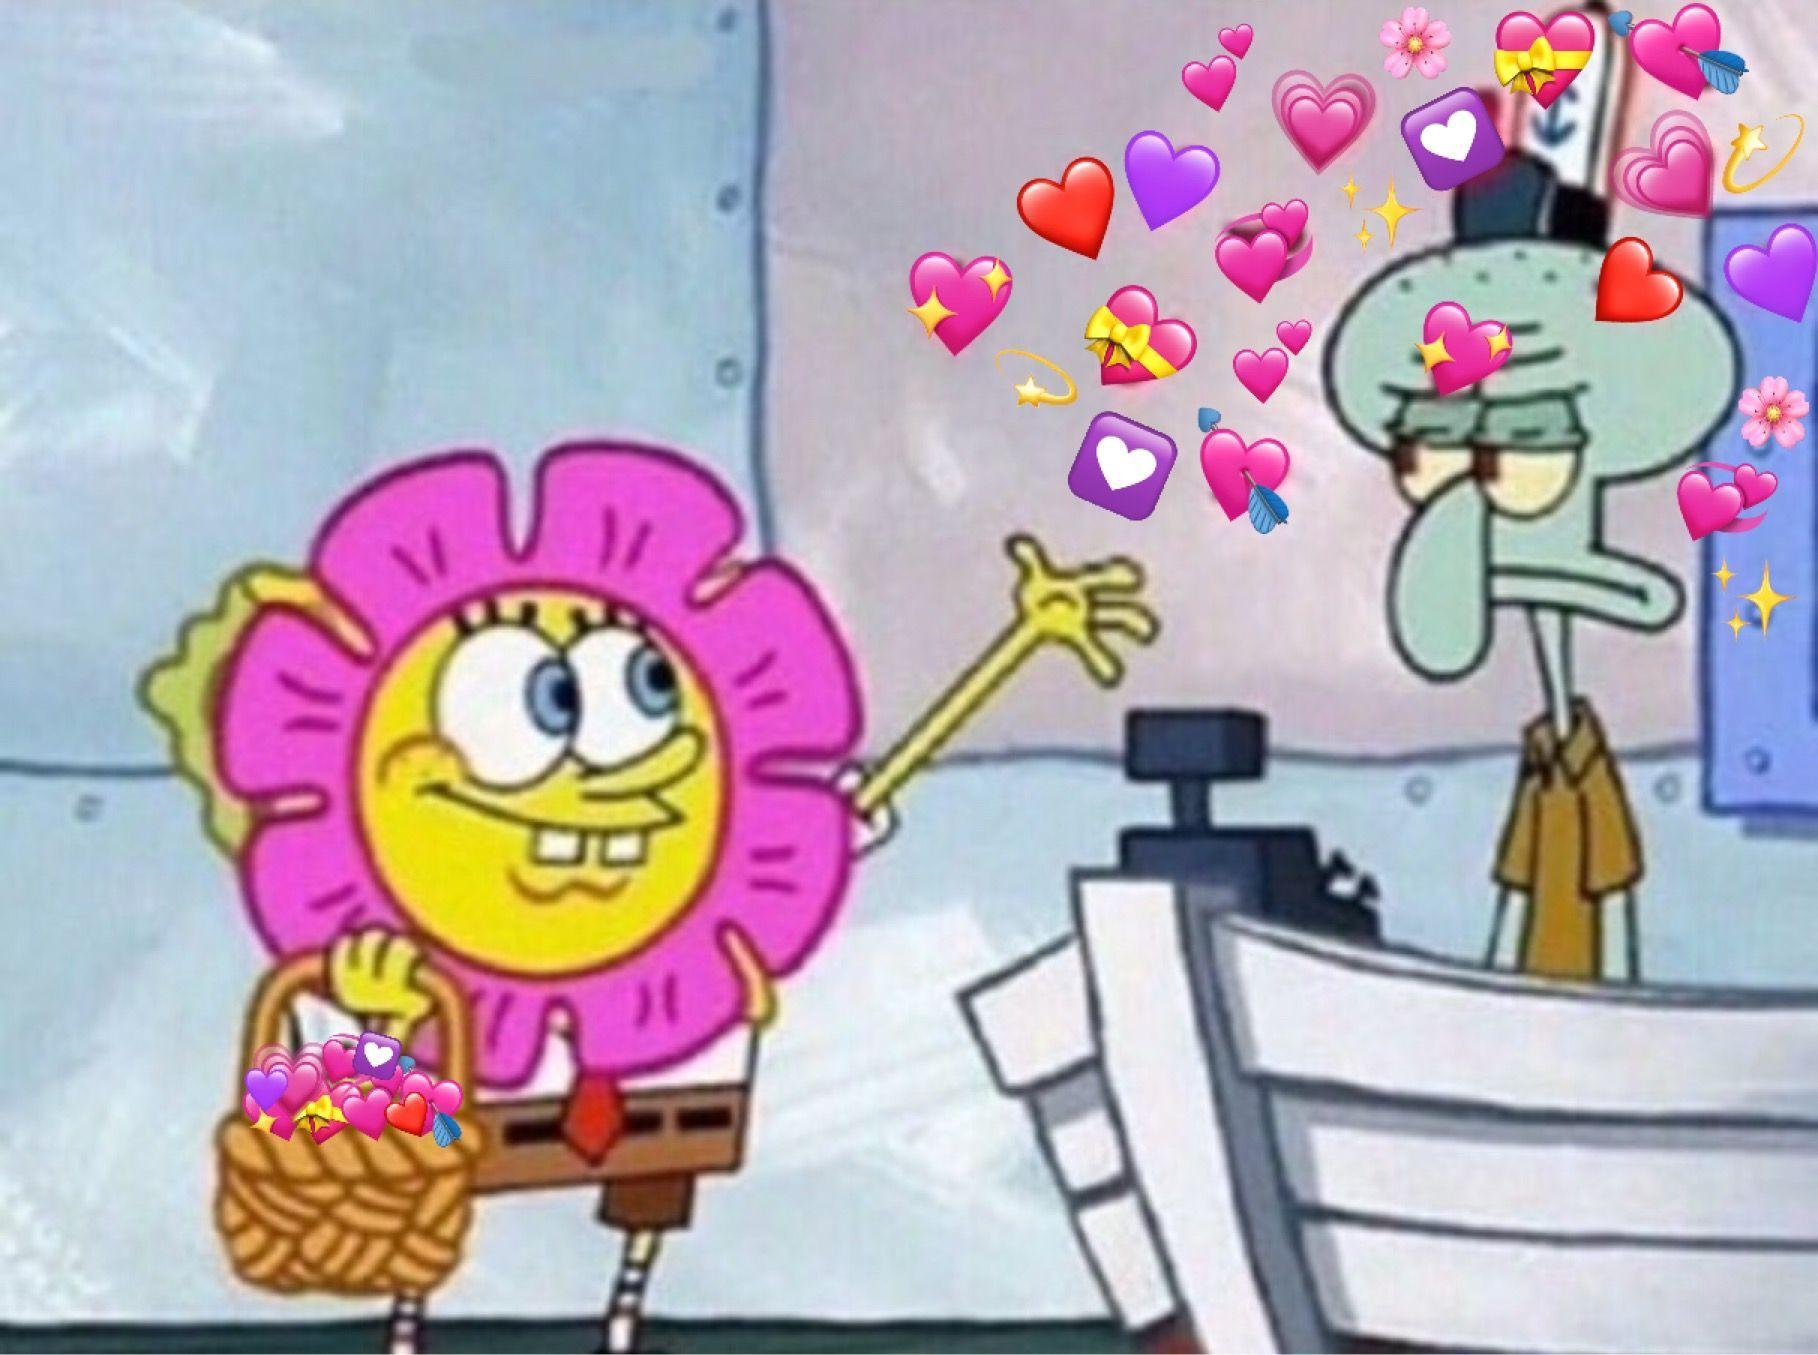 Image result for emoji heart meme tom holland